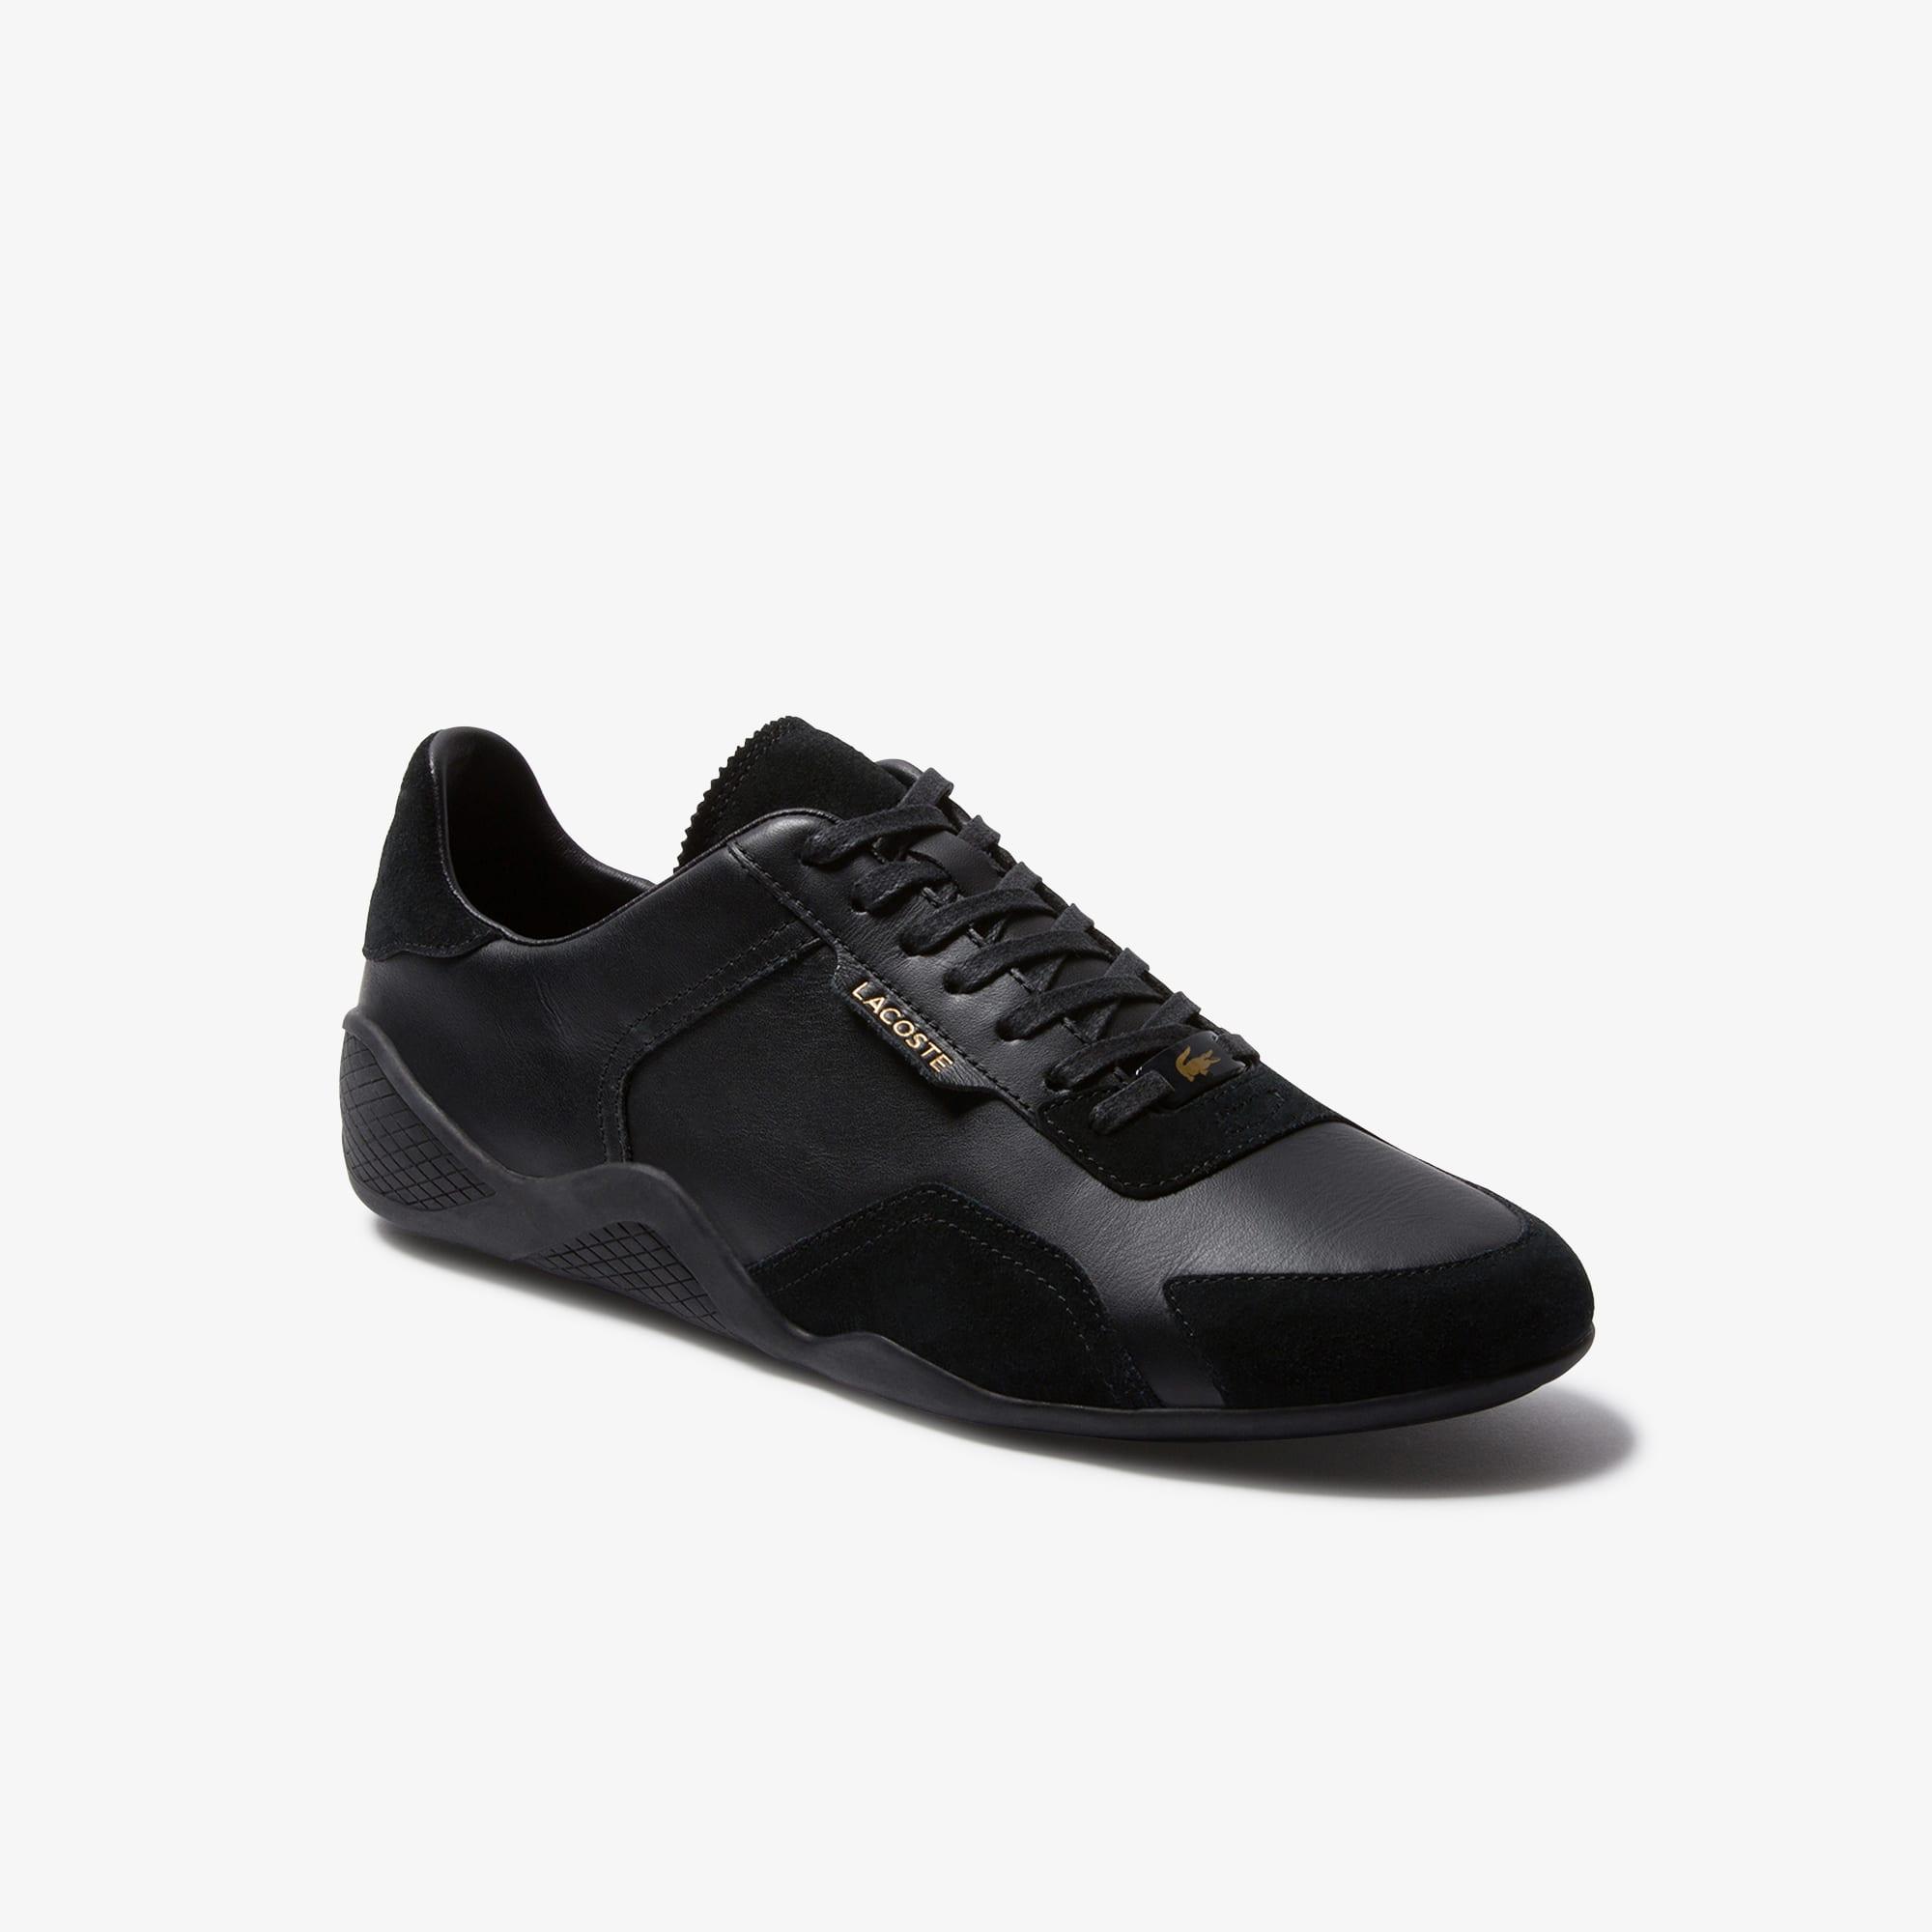 حذاء رياضي خفيف للرجال من جلد الغزال والشمواه